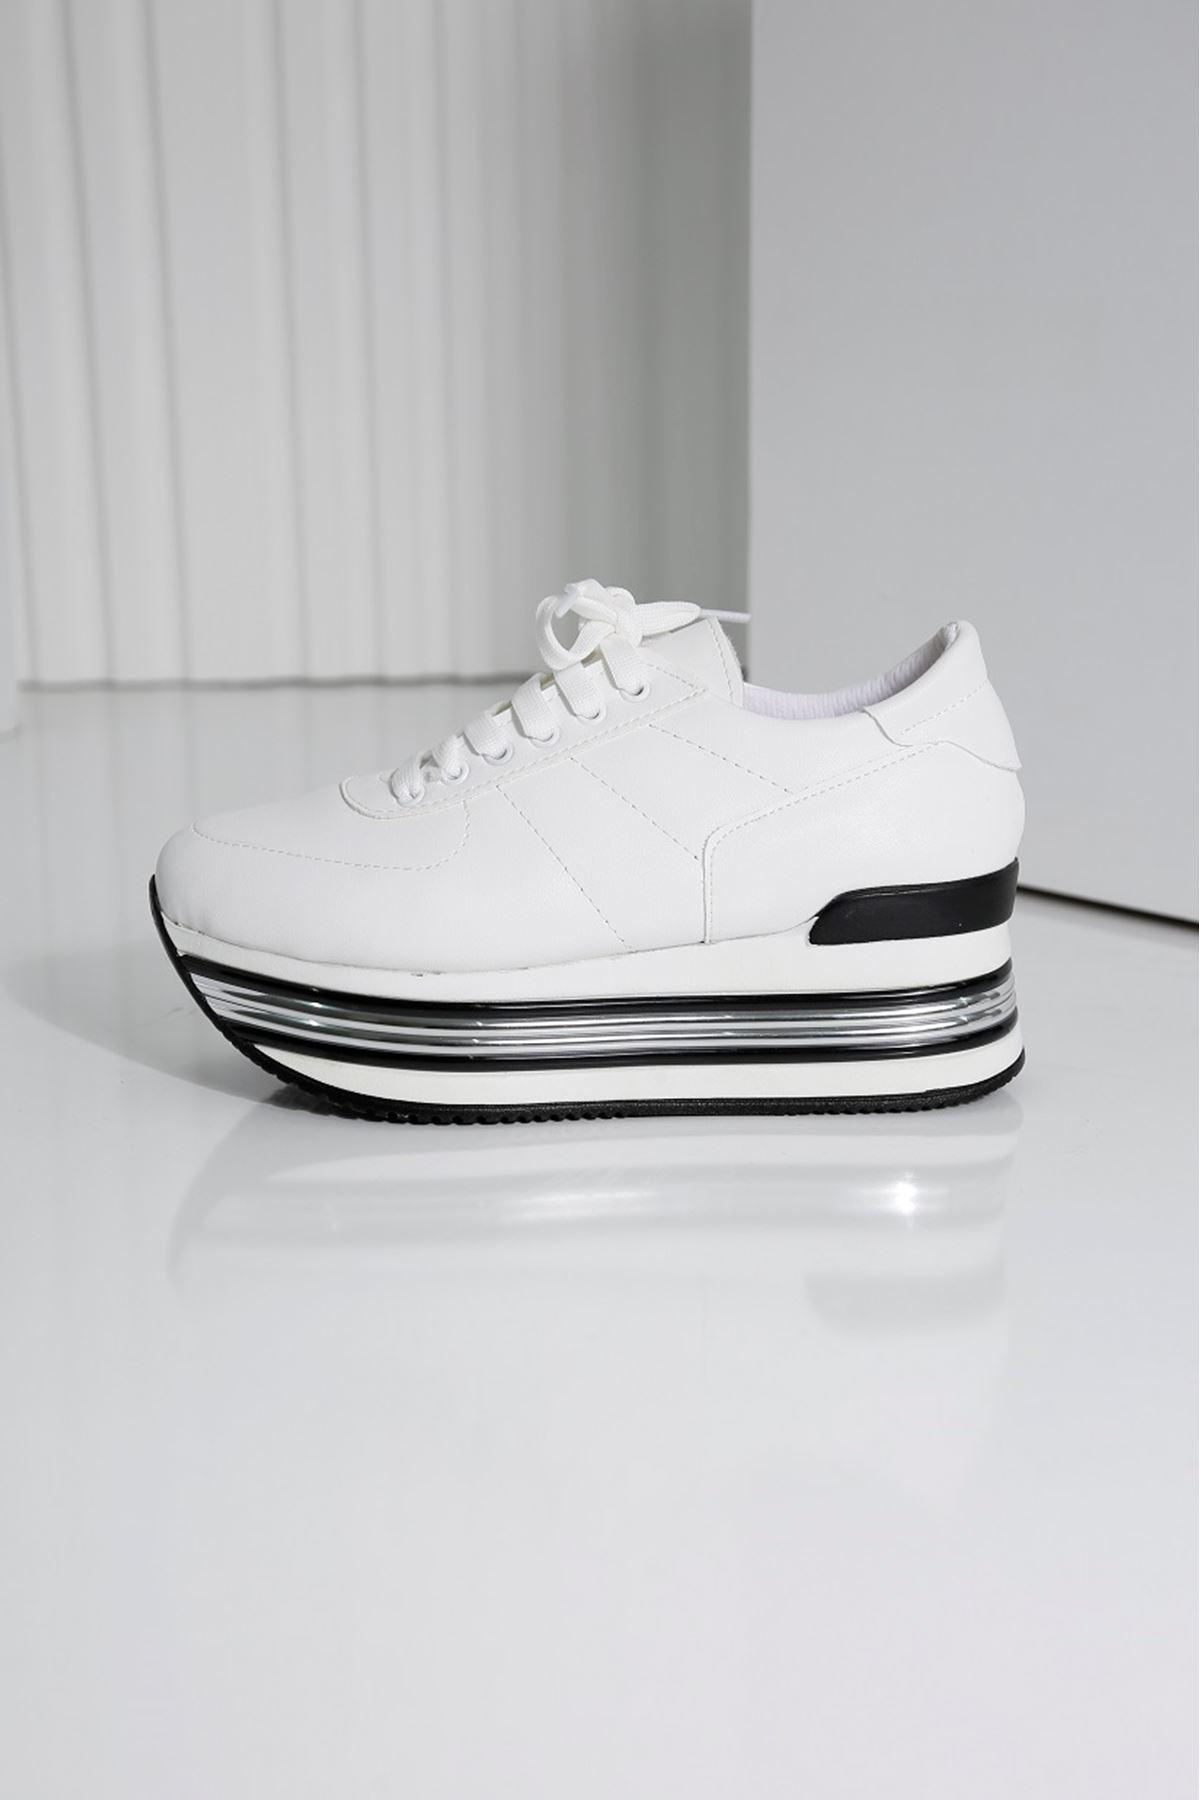 MELODY Beyaz Kadın Spor Ayakkabı